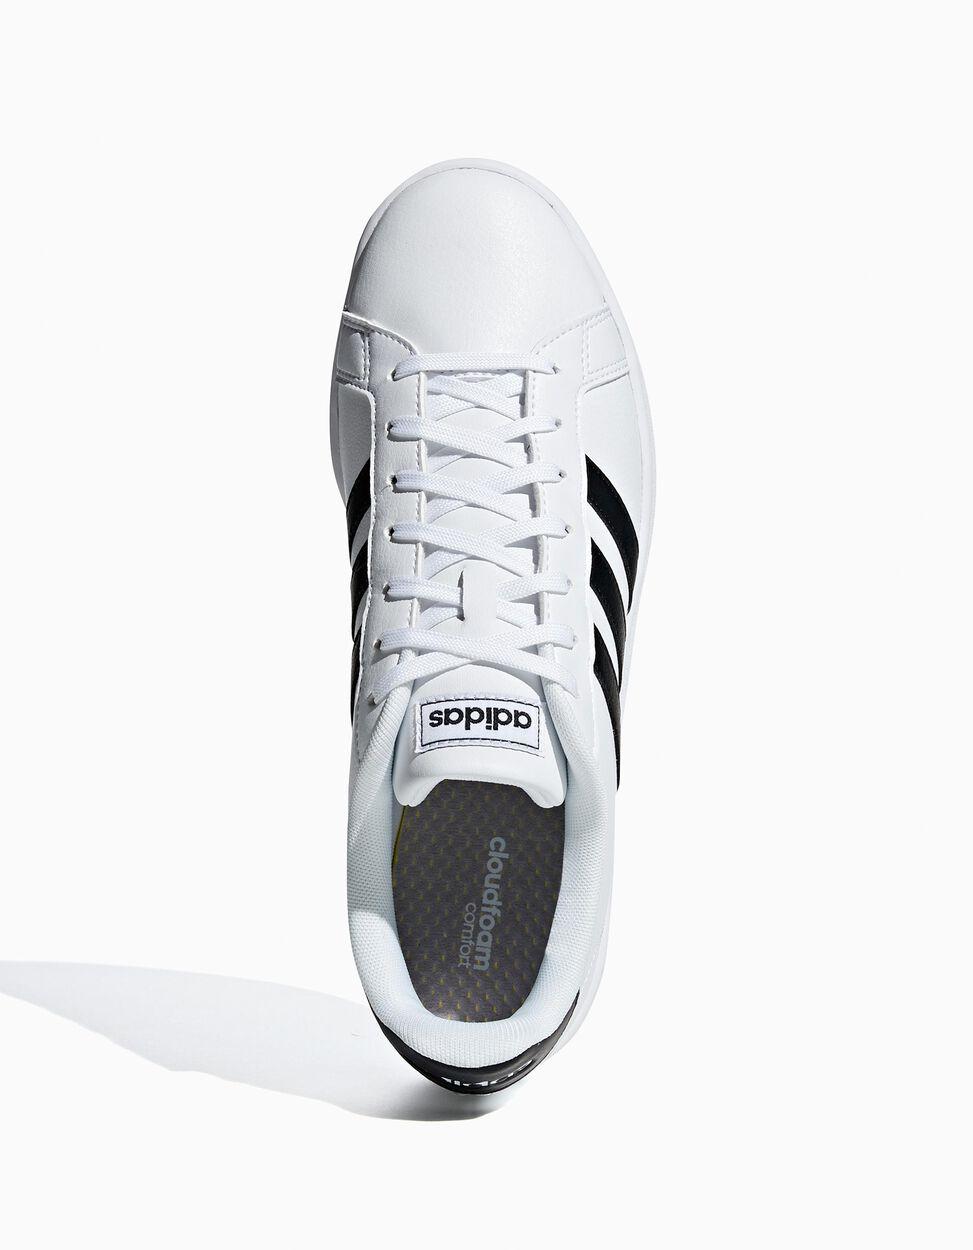 Sapatilha Adidas Gr Court com listas em contraste